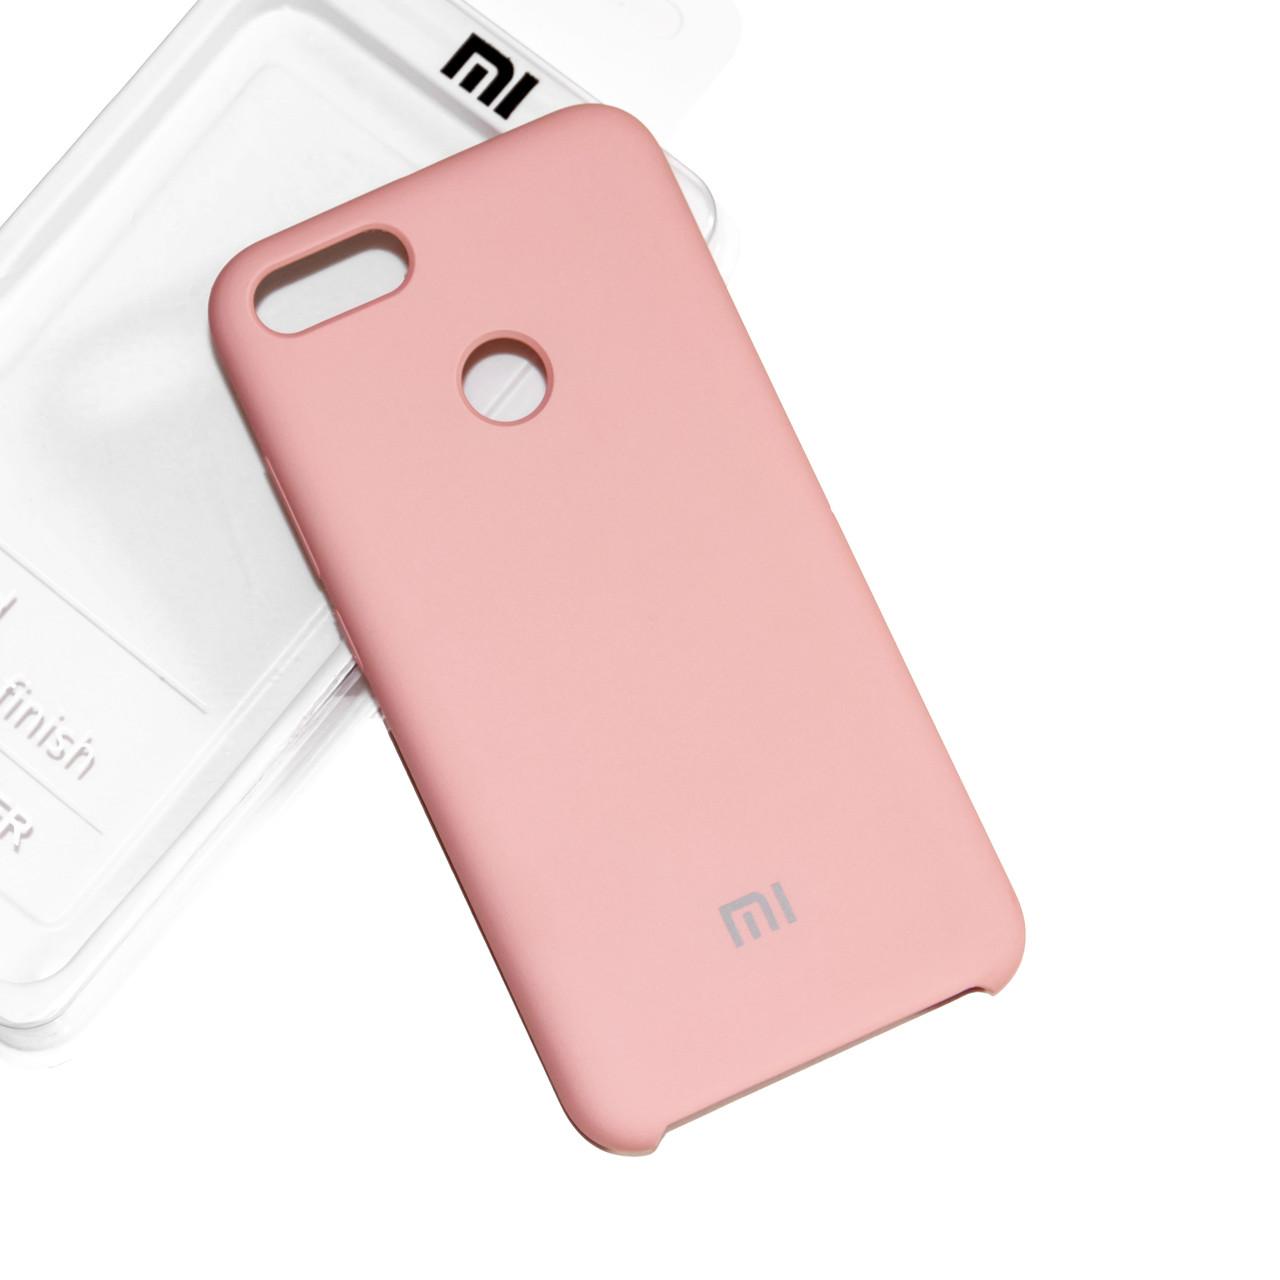 Силиконовый чехол на Xiaomi Mi 5X / Mi A1 Soft-touch Pink